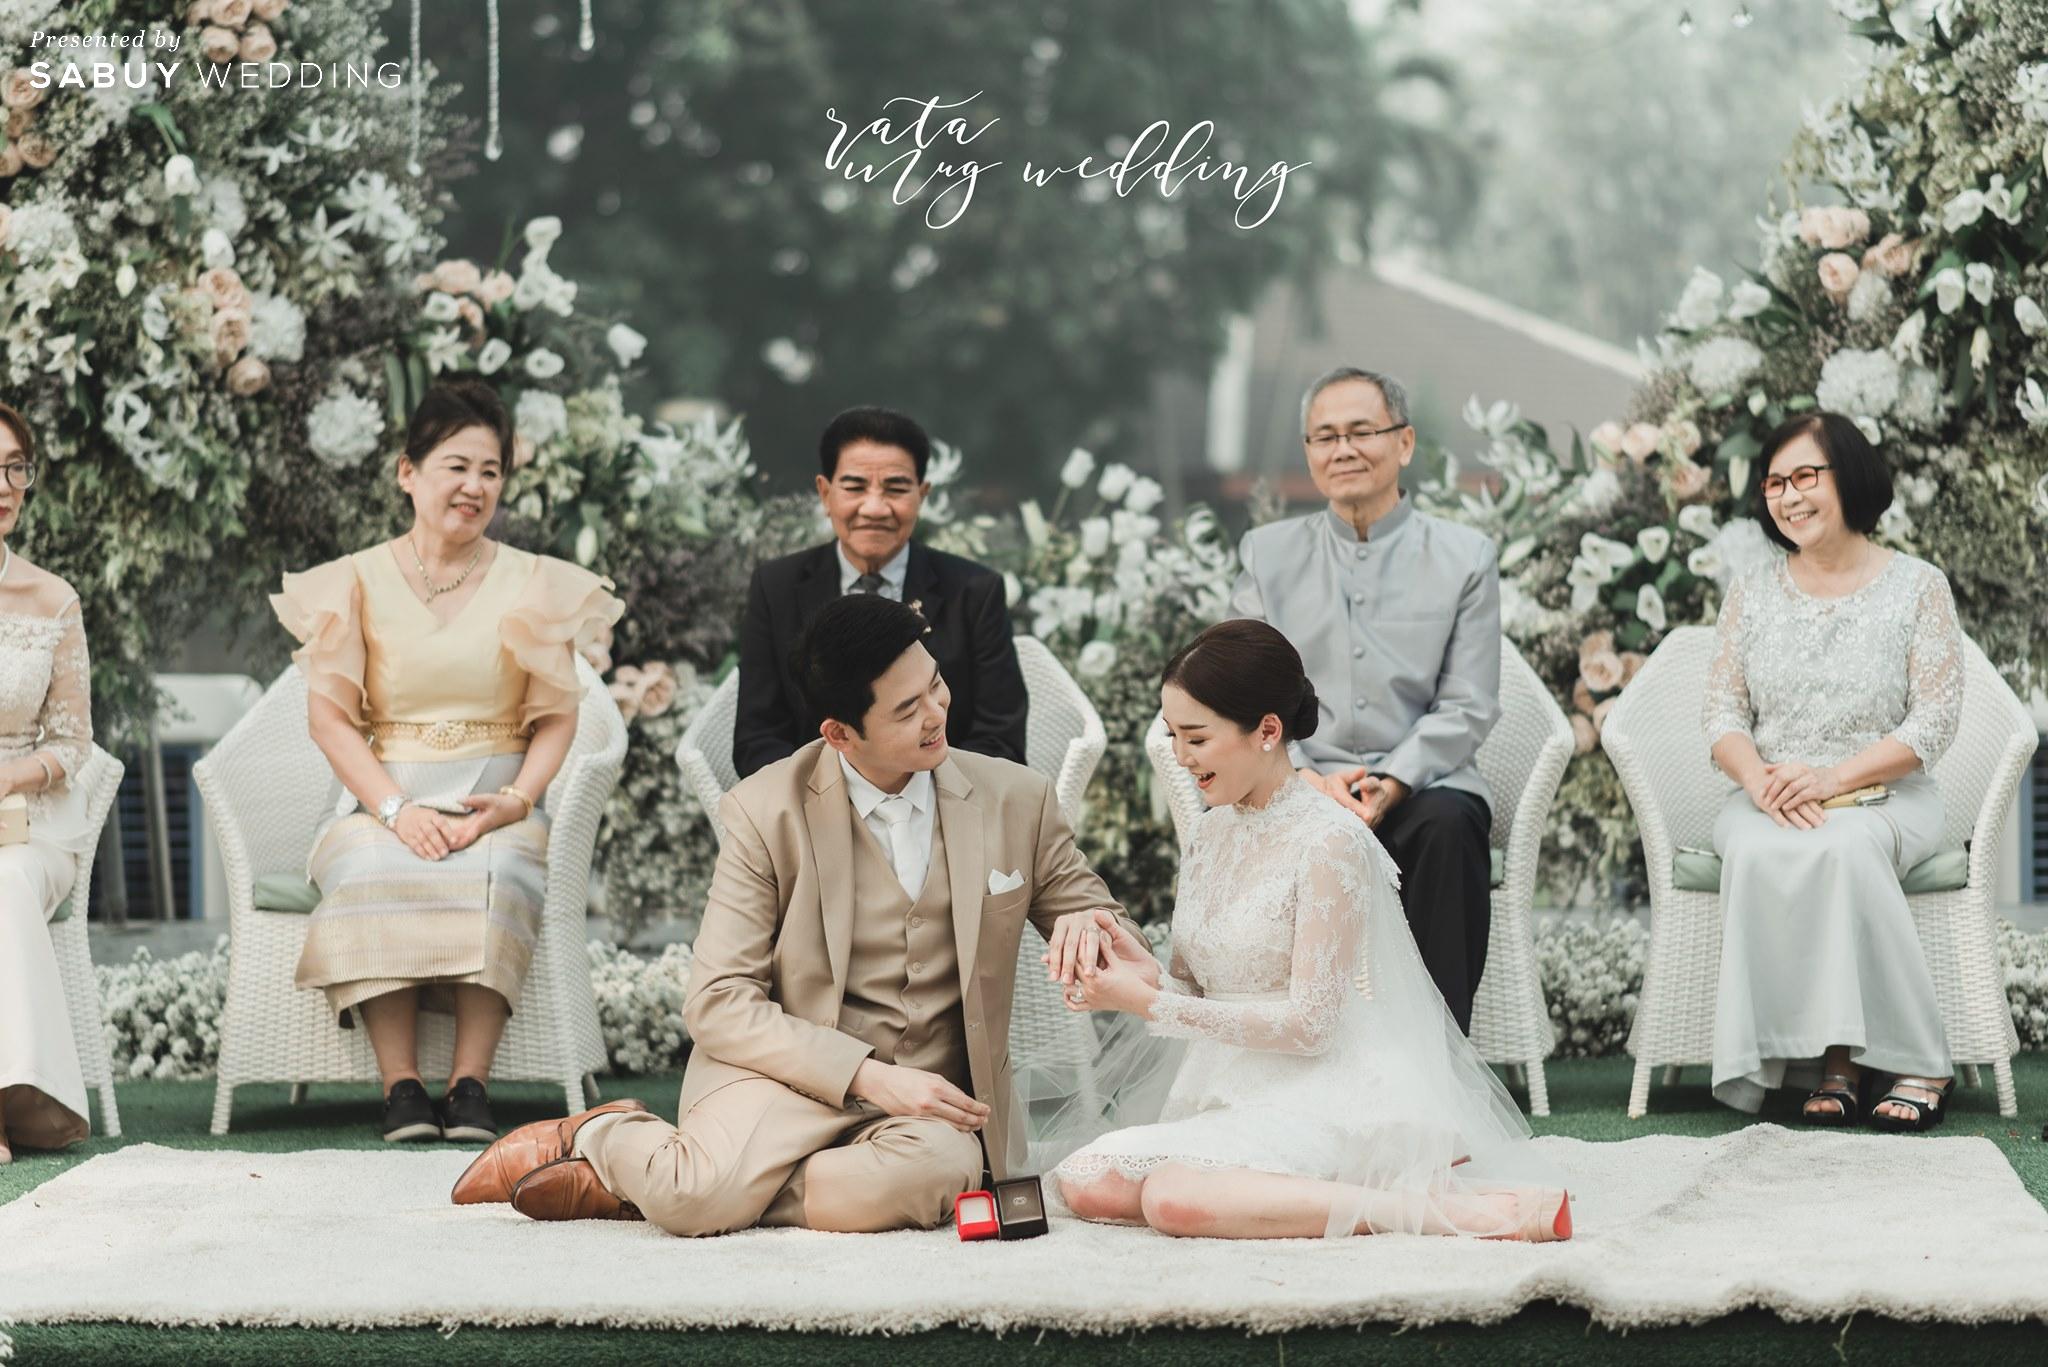 เจ้าสาว,เจ้าบ่าว,แต่งงาน,แหวนแต่งงาน รีวิวงานแต่งสวนสวยละมุนใจ บรรยากาศโรแมนติก @ Le coq d'or Chiangmai